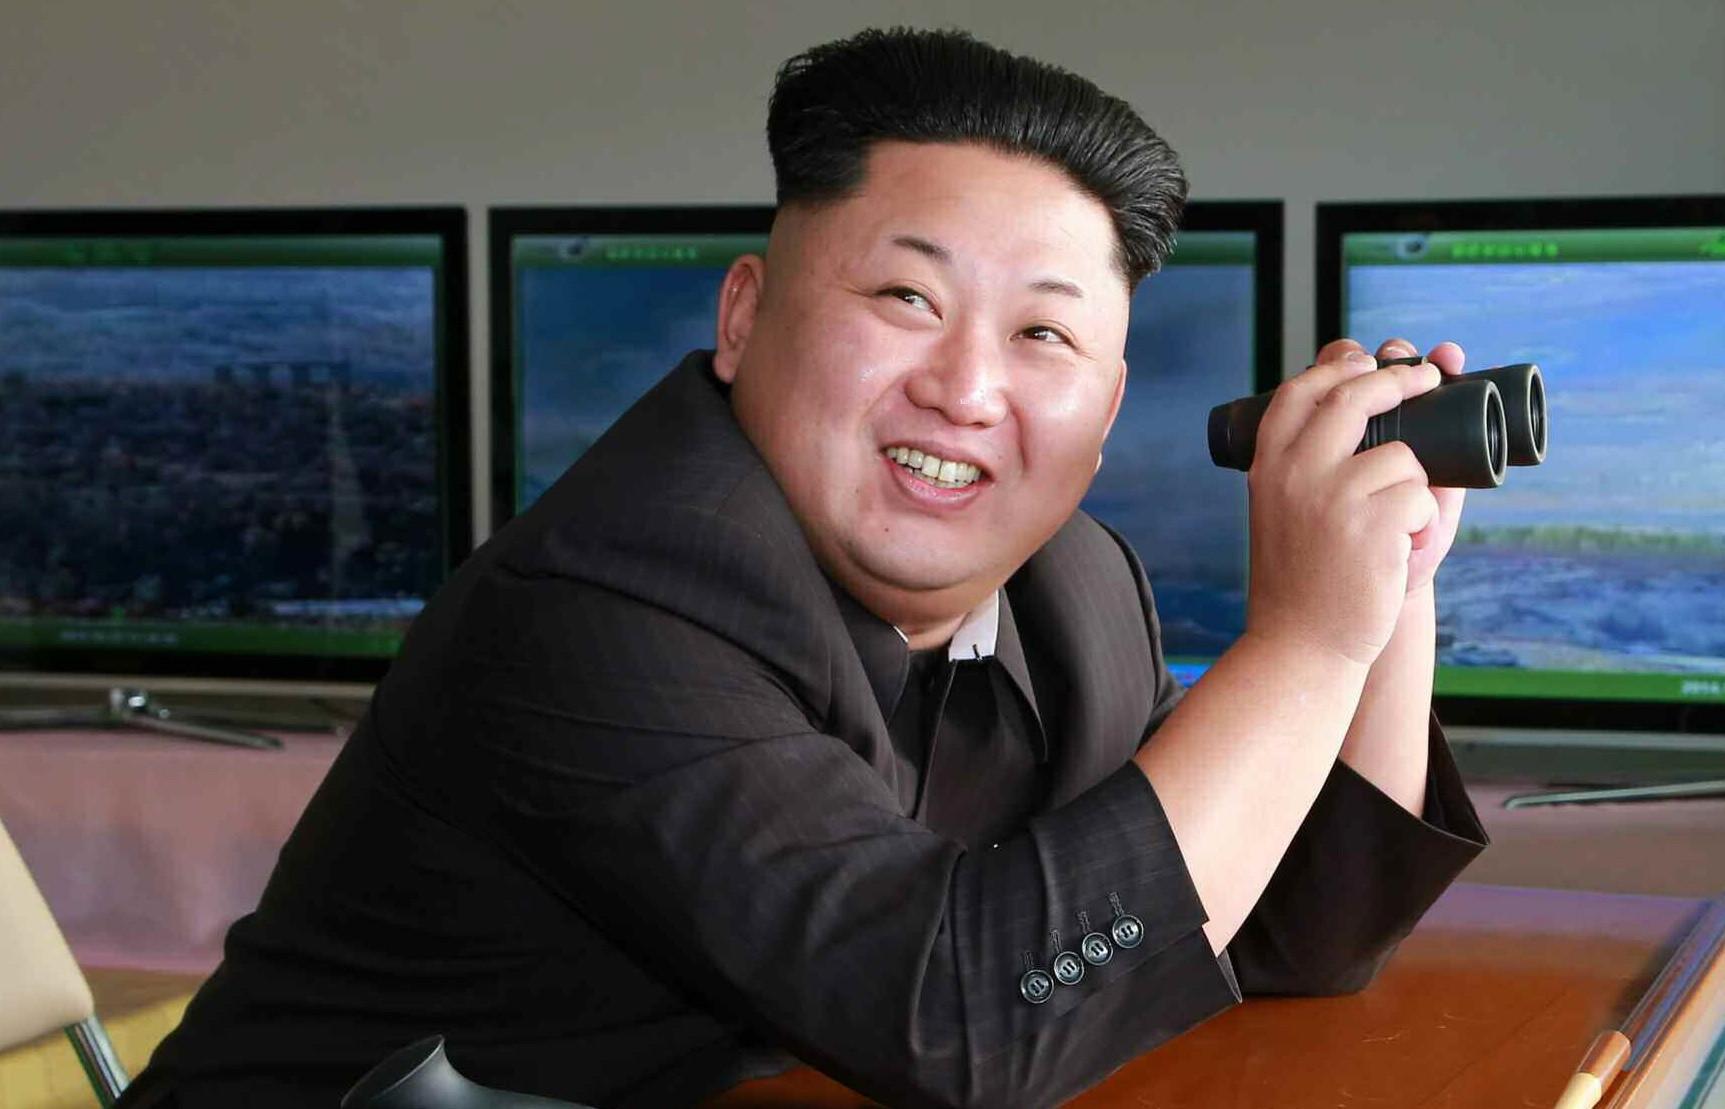 Информацию оновых ядерных испытаниях КНДР неподтвердили власти Южной Кореи